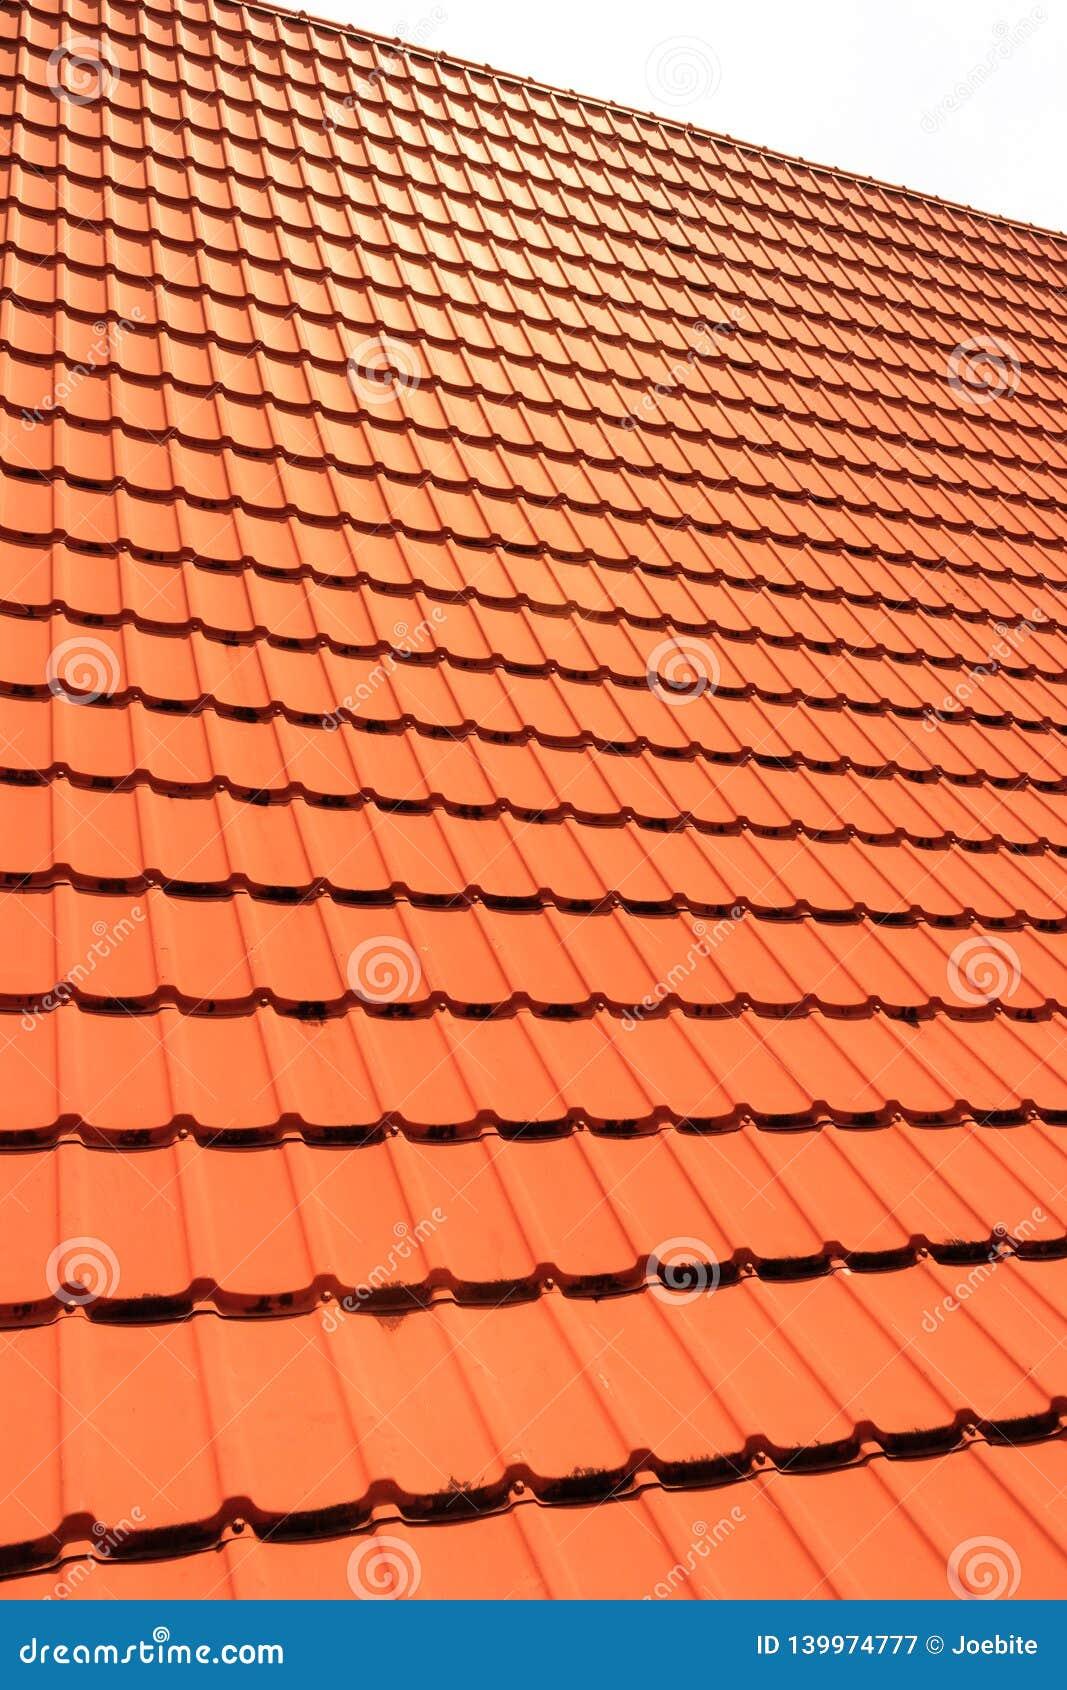 Tuiles de toit concrètes oranges sur une maison résidentielle Texture de fond de tuiles de toit